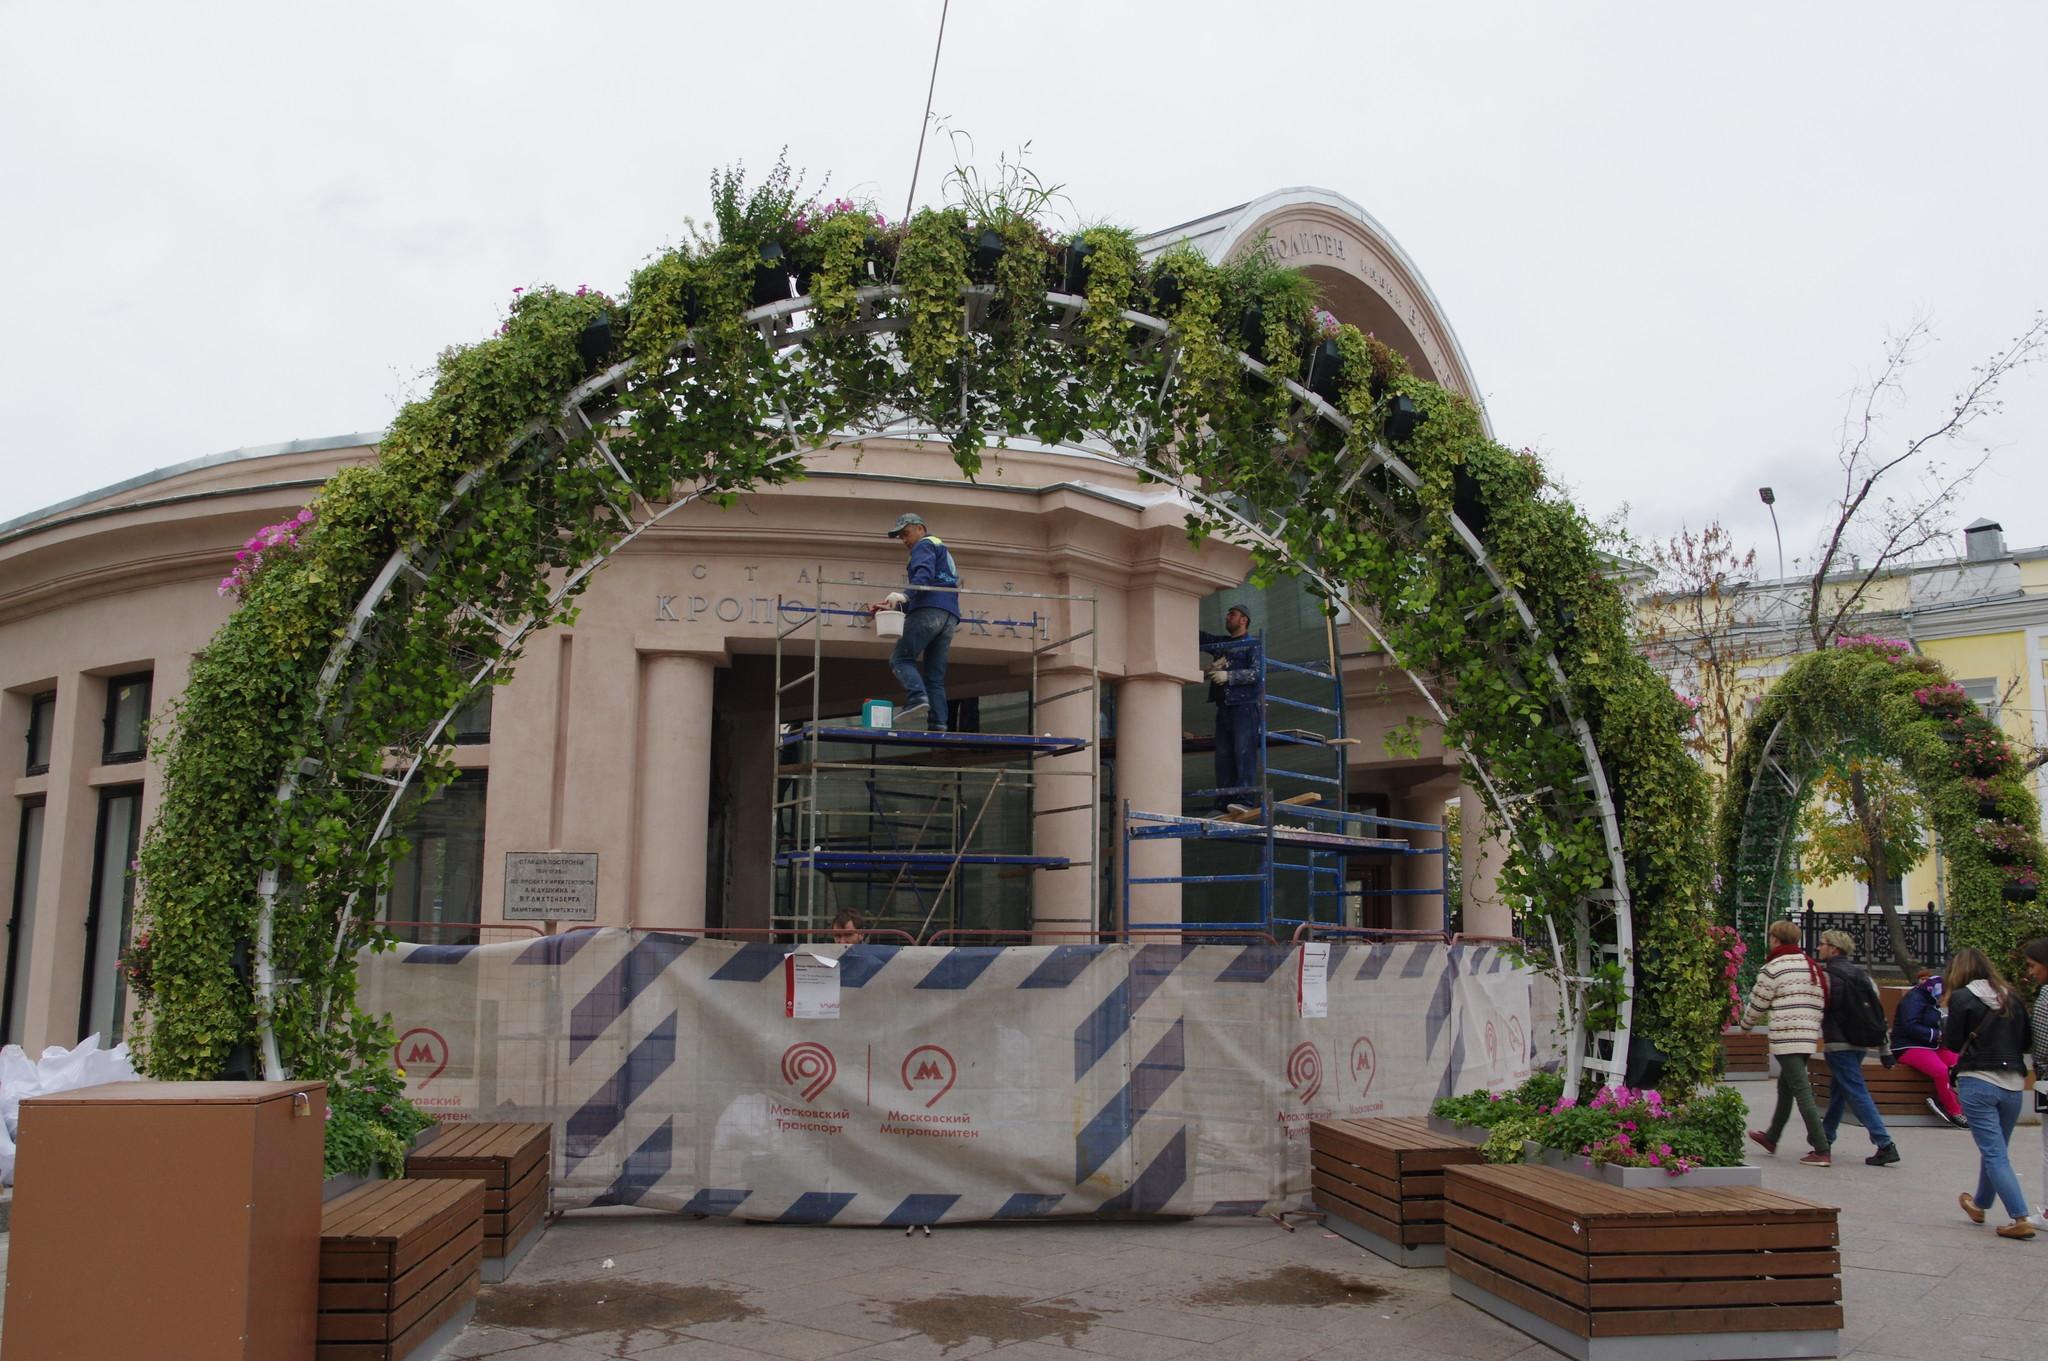 Ремонт станции «Кропоткинская» Сокольнической линии Московского метрополитена